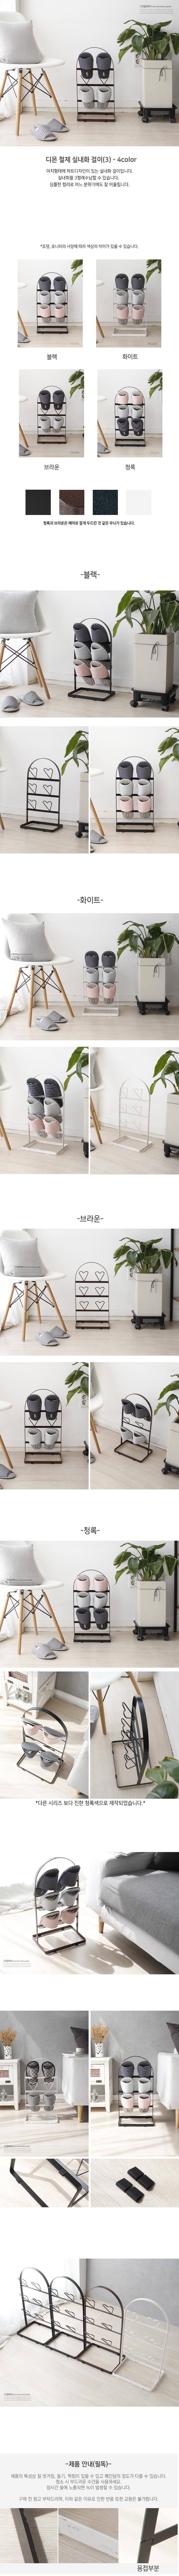 디몬 철제 실내화 걸이(3) - 4color - 체리하우스, 25,800원, 수납/선반장, 신발정리대/신발장